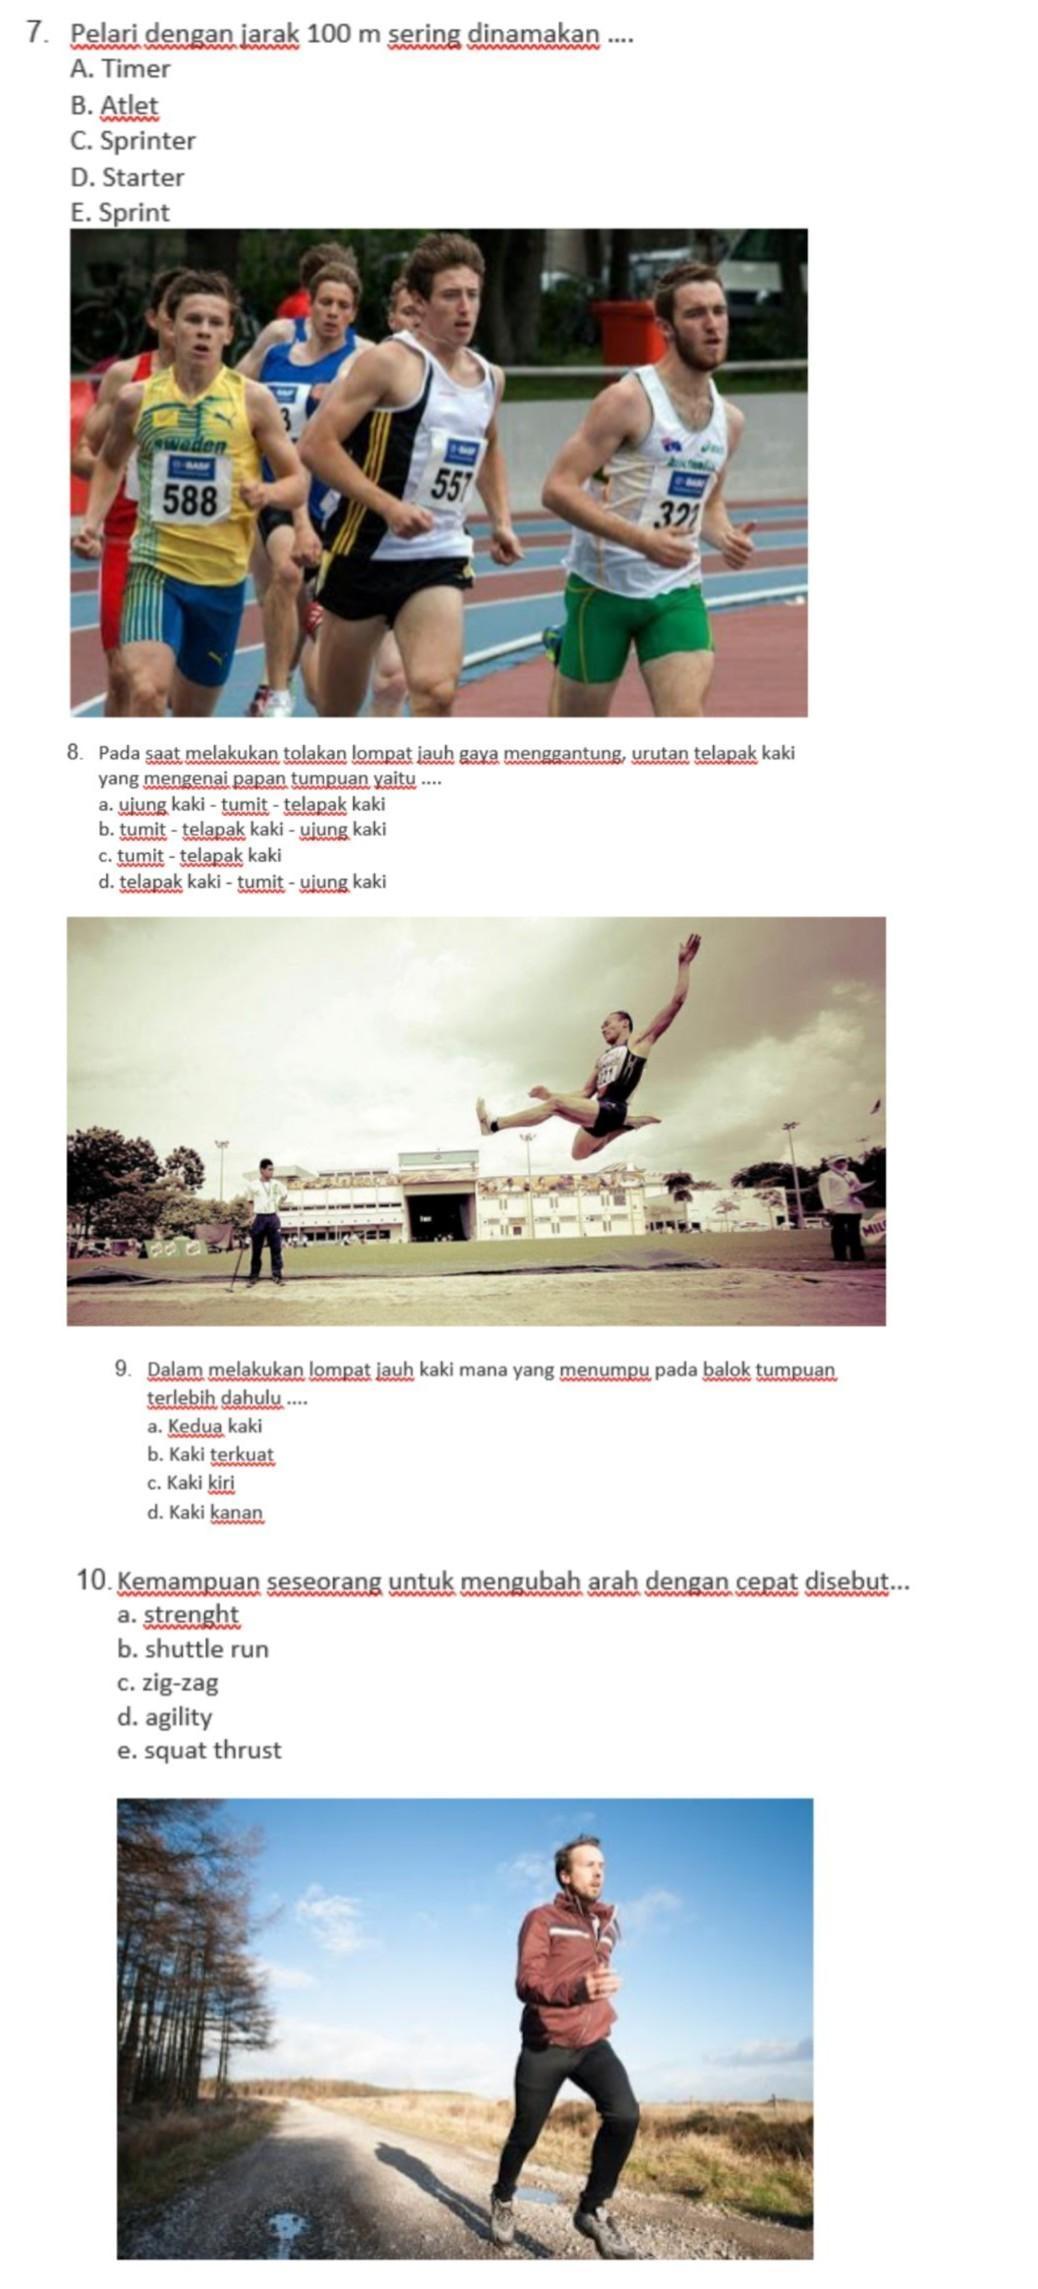 Atlet Jarak Pendek Disebut : atlet, jarak, pendek, disebut, TolongggCpetttt:)TolongBangett:), Brainly.co.id